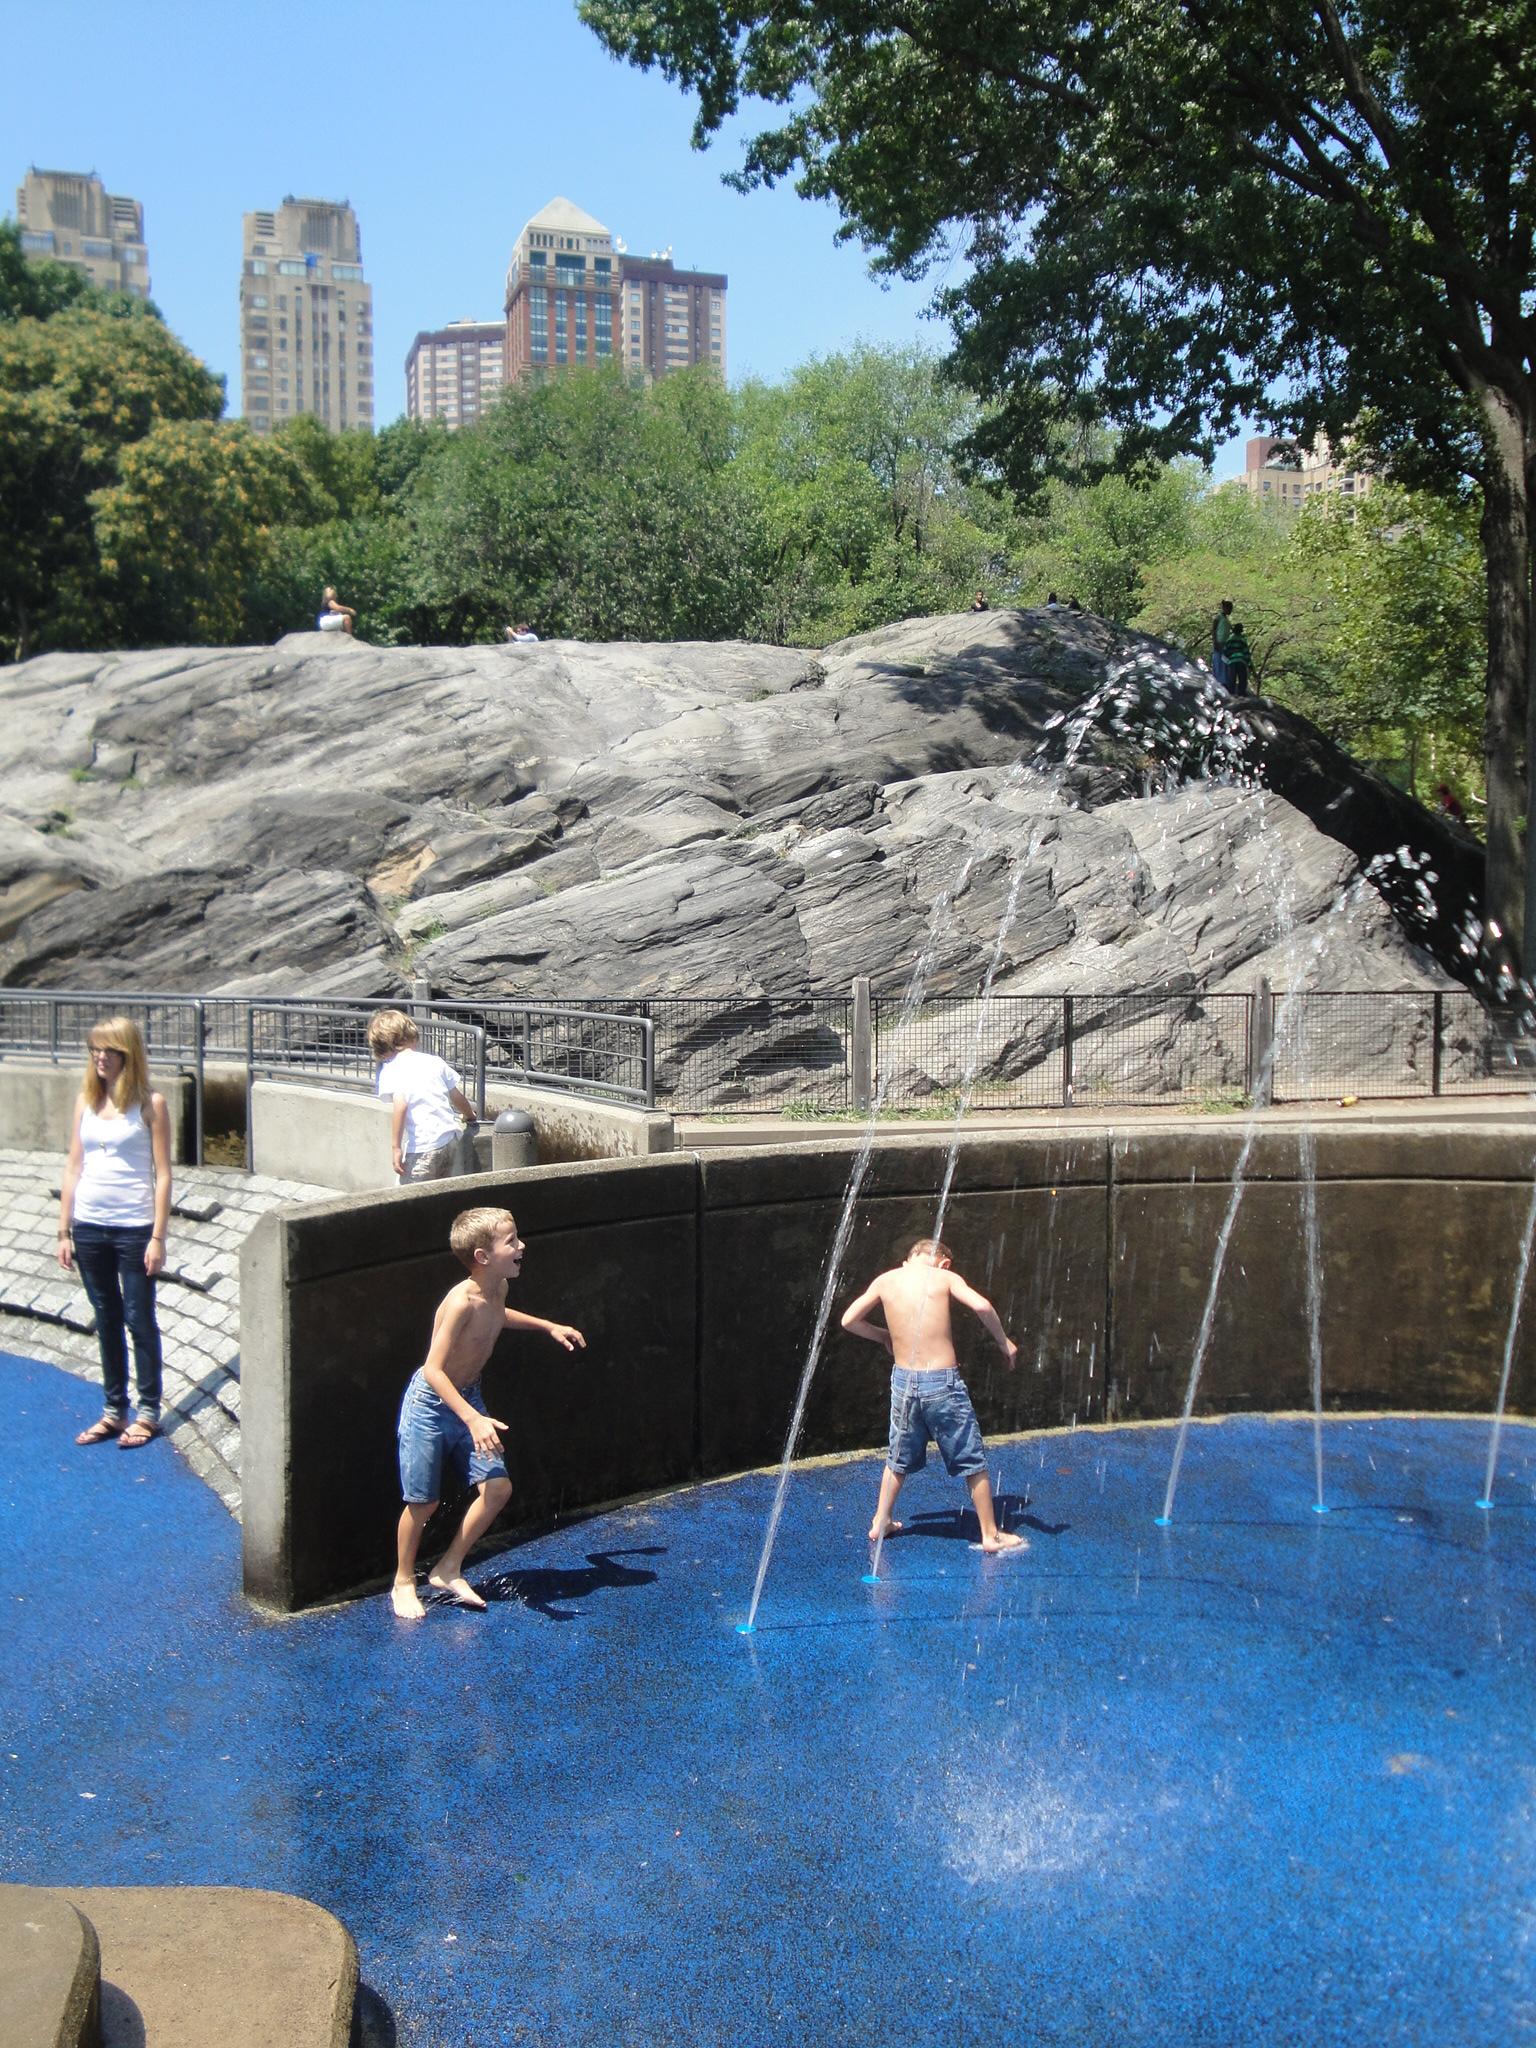 Central Park playgrounds, NY/ Kimberly Sullivan